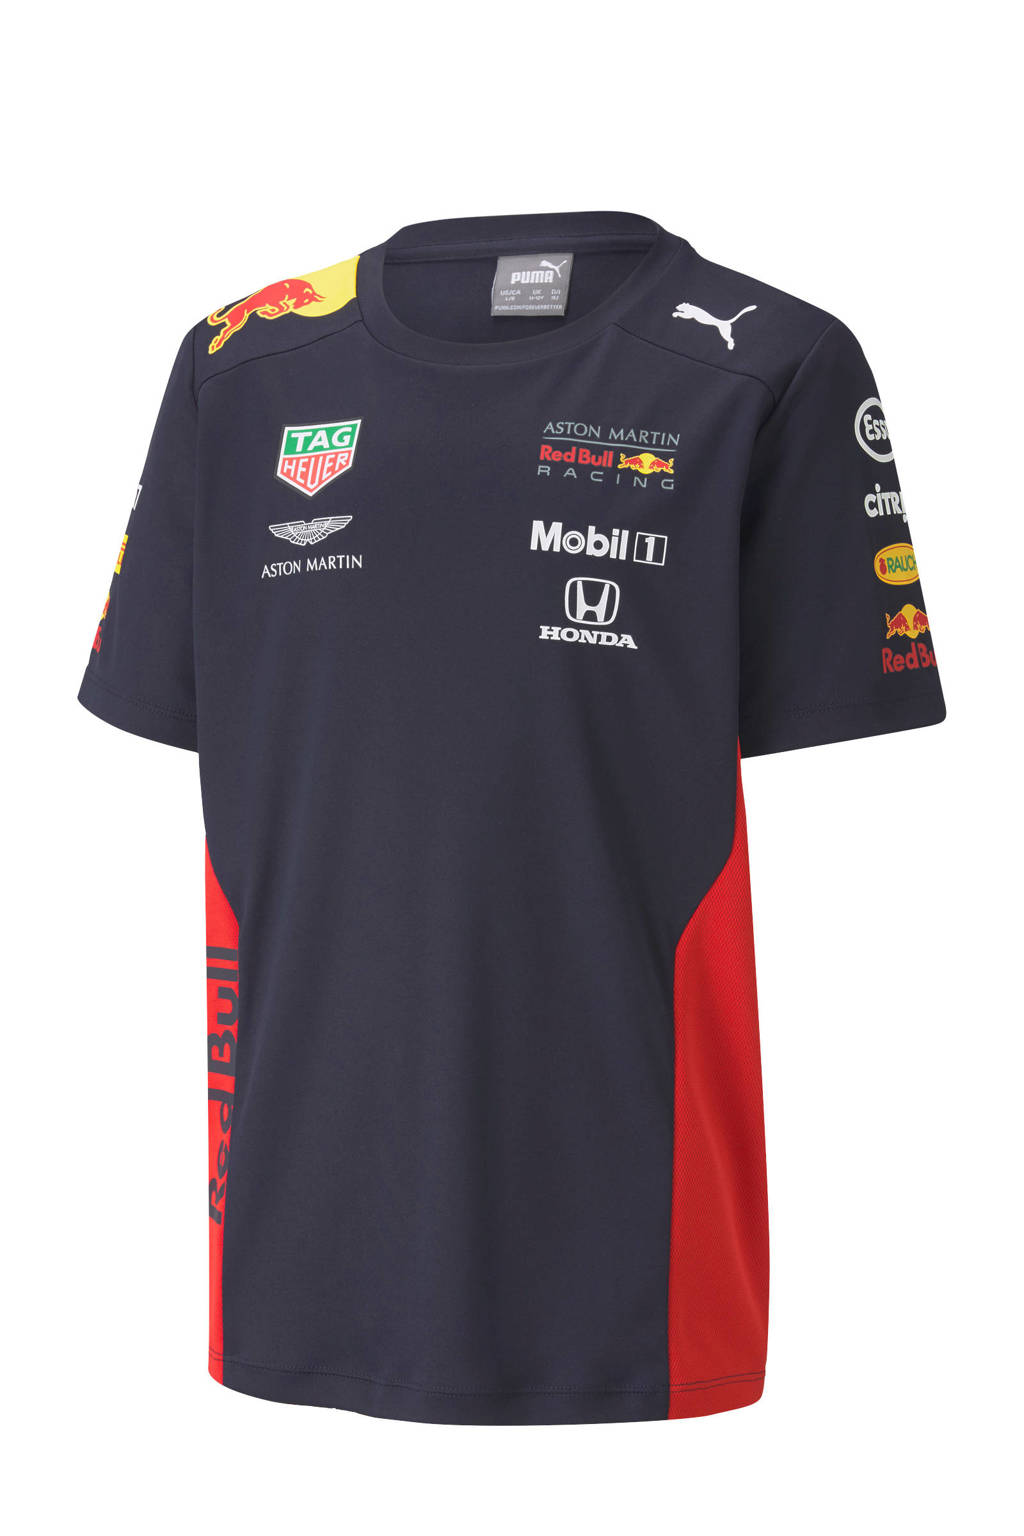 Puma   Red Bull Racing T-shirt donkerblauw, Jongens